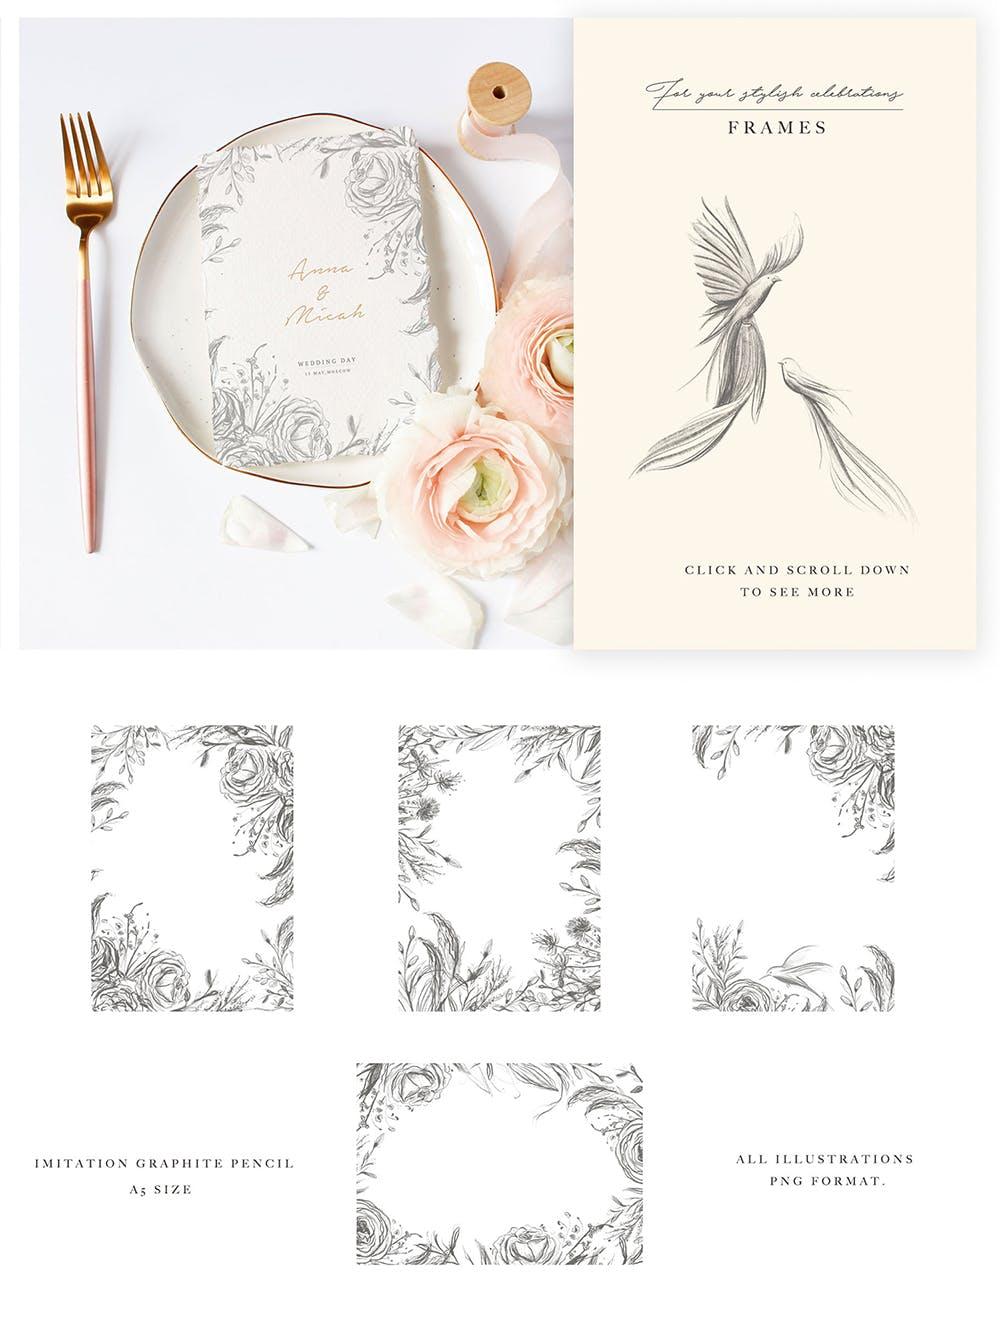 优秀的石墨仿铅笔图形组图案花纹素材Wedding Graphic Logo Pencil Flower插图(8)